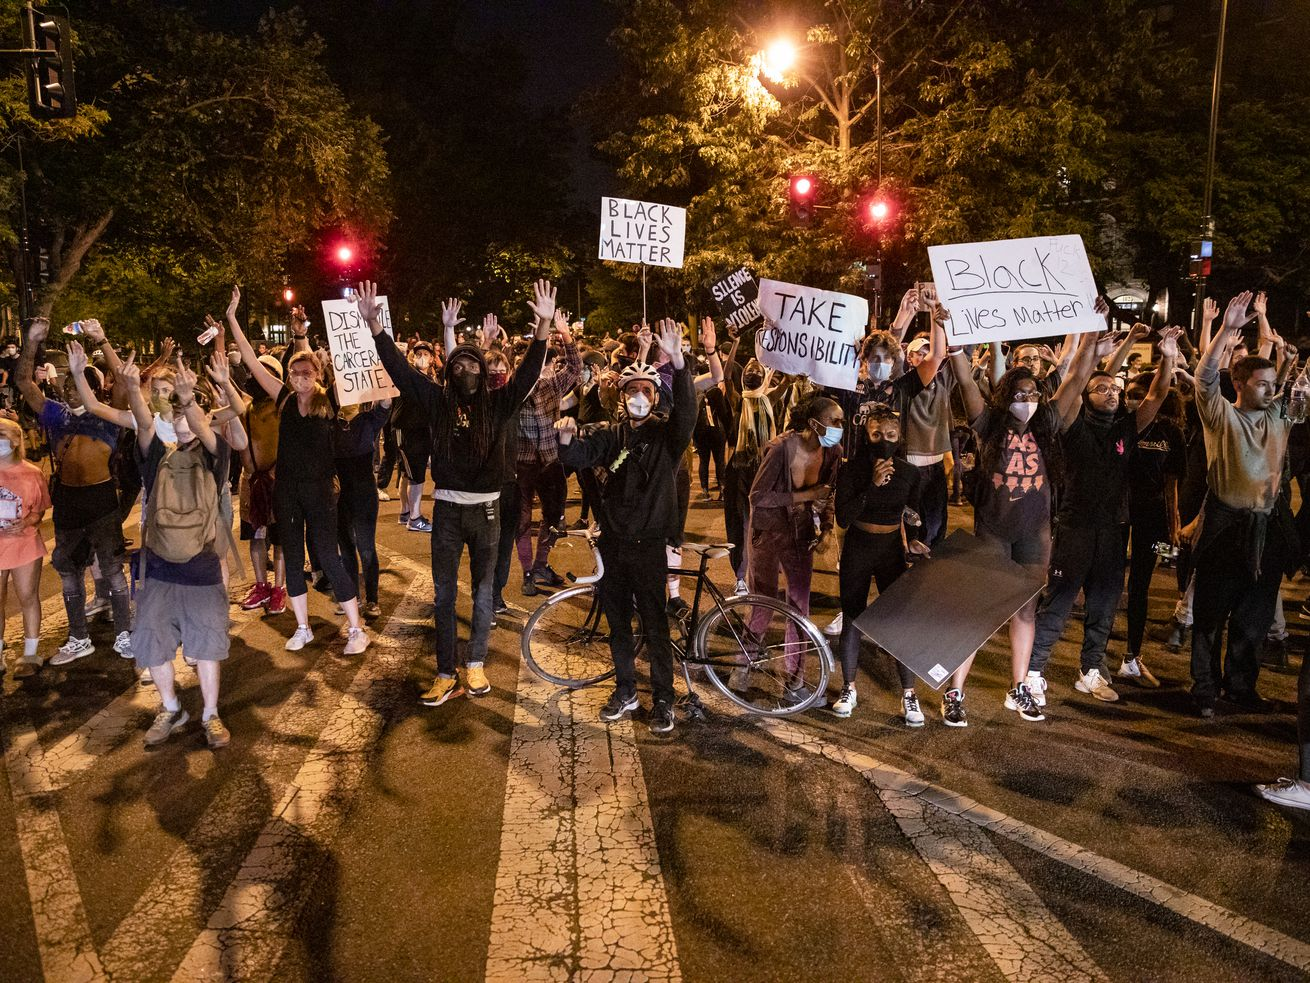 D.C. Black Lives Matter protest